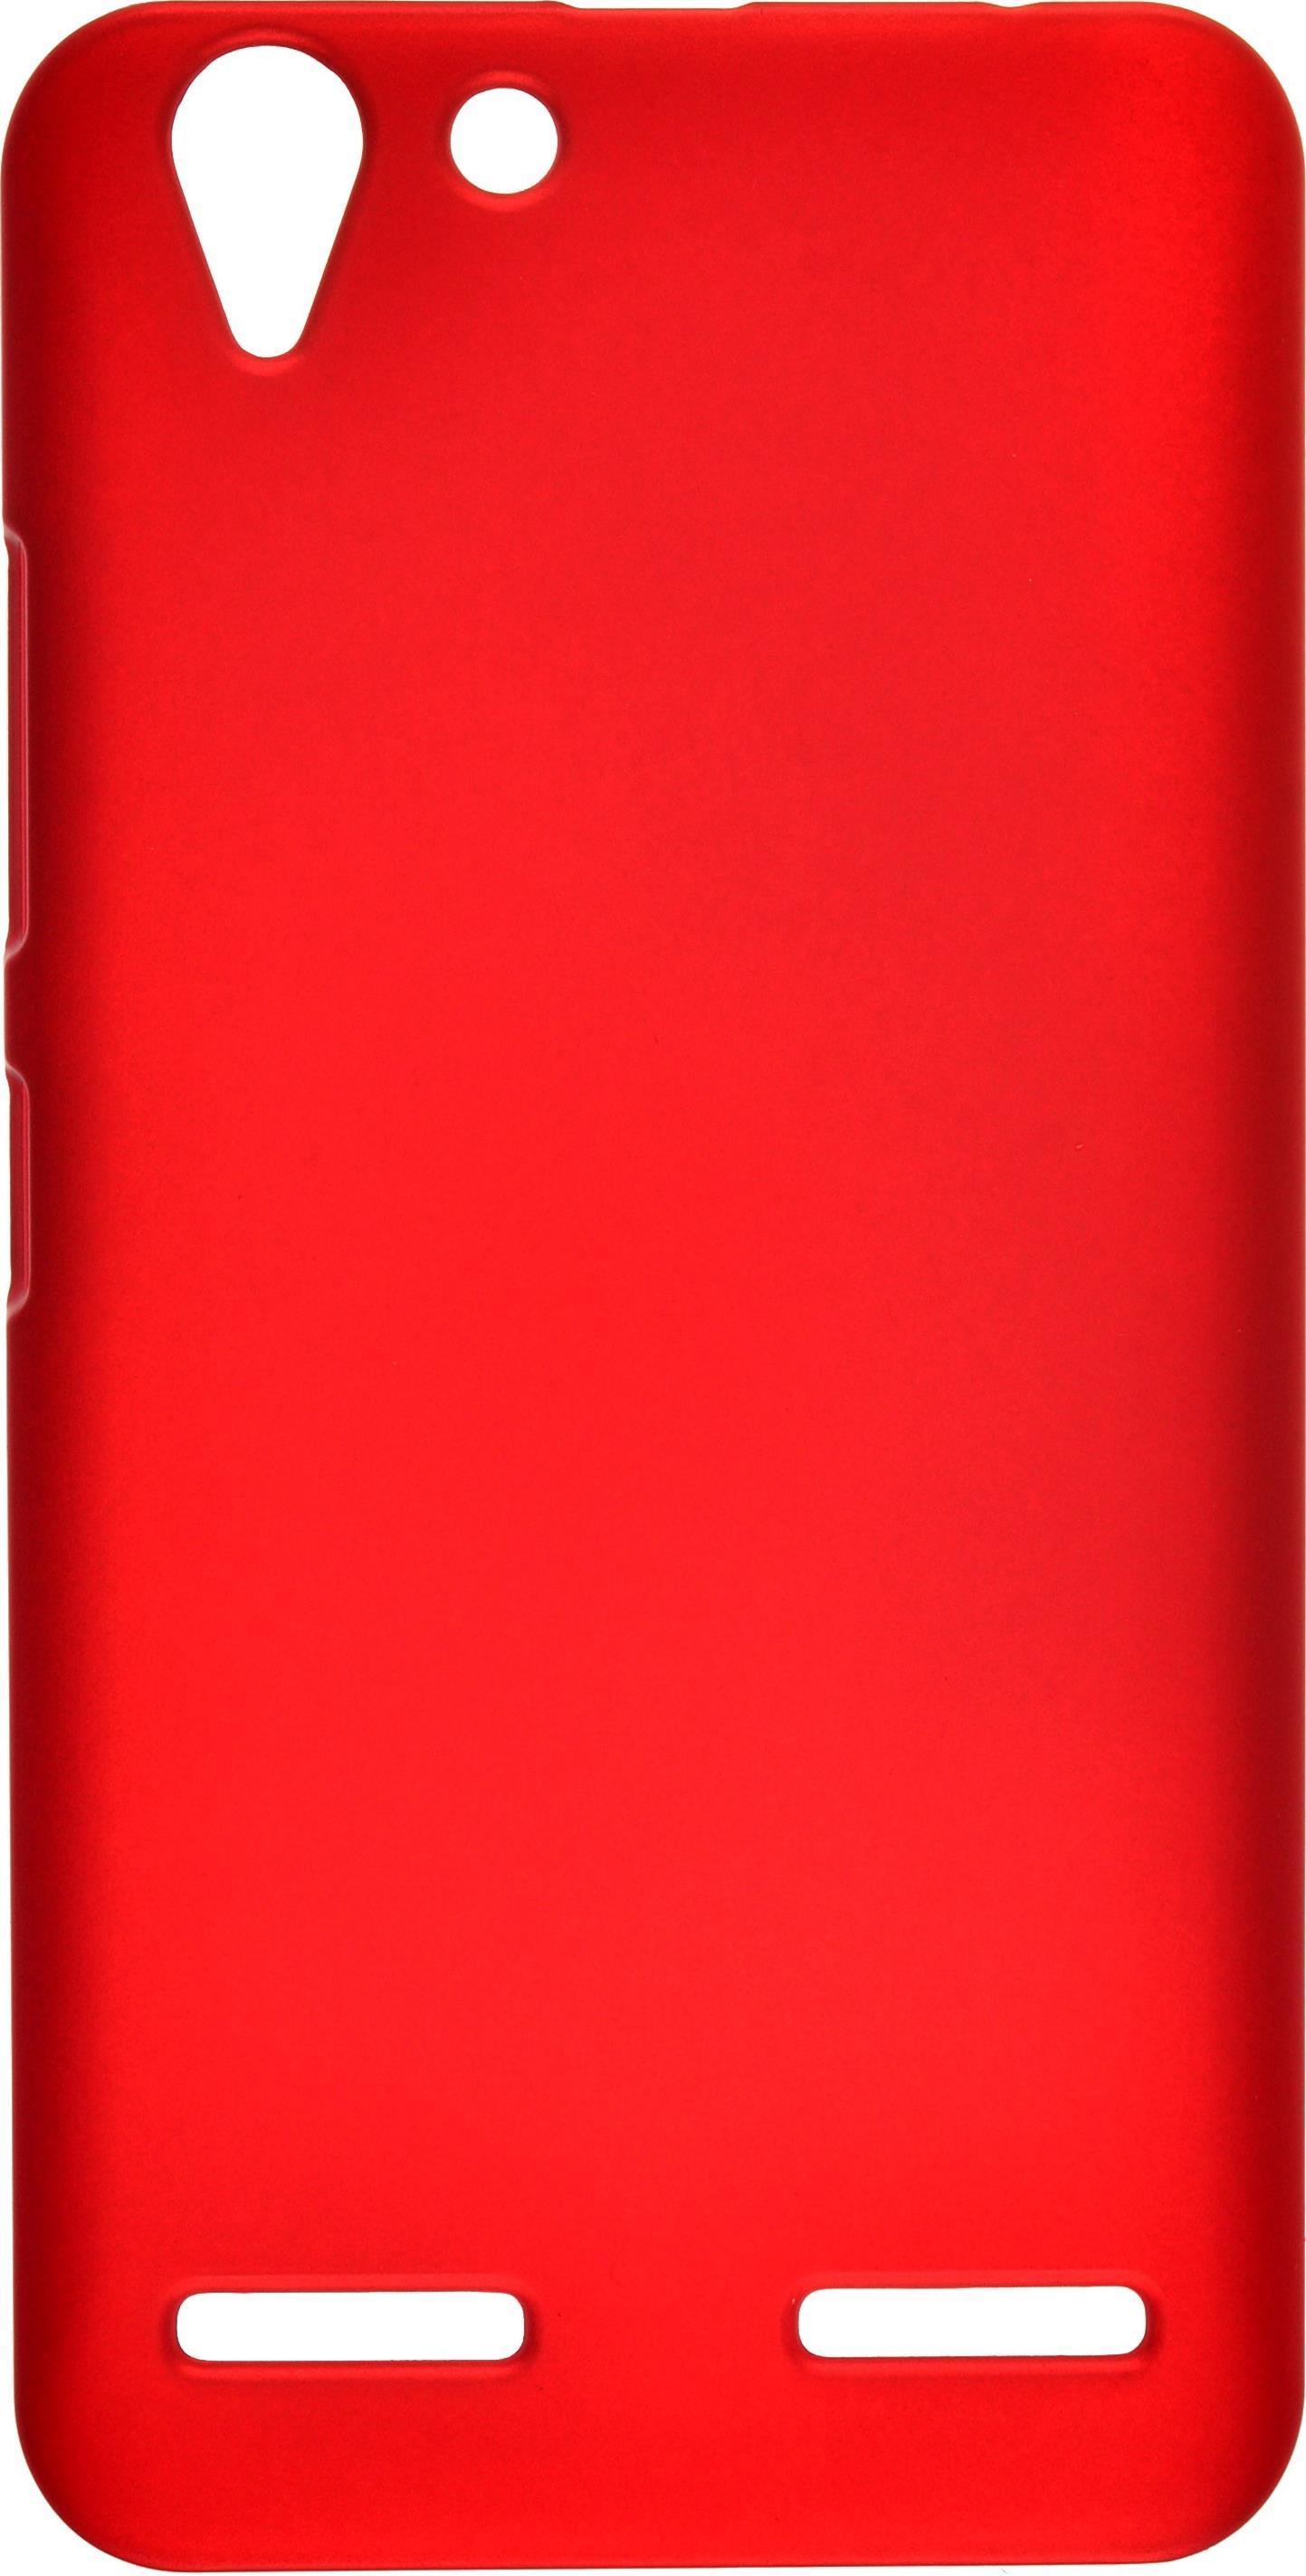 Чехол для сотового телефона skinBOX 4People, 4660041407471, красный чехол для lenovo a2010 skinbox 4people shield case черный